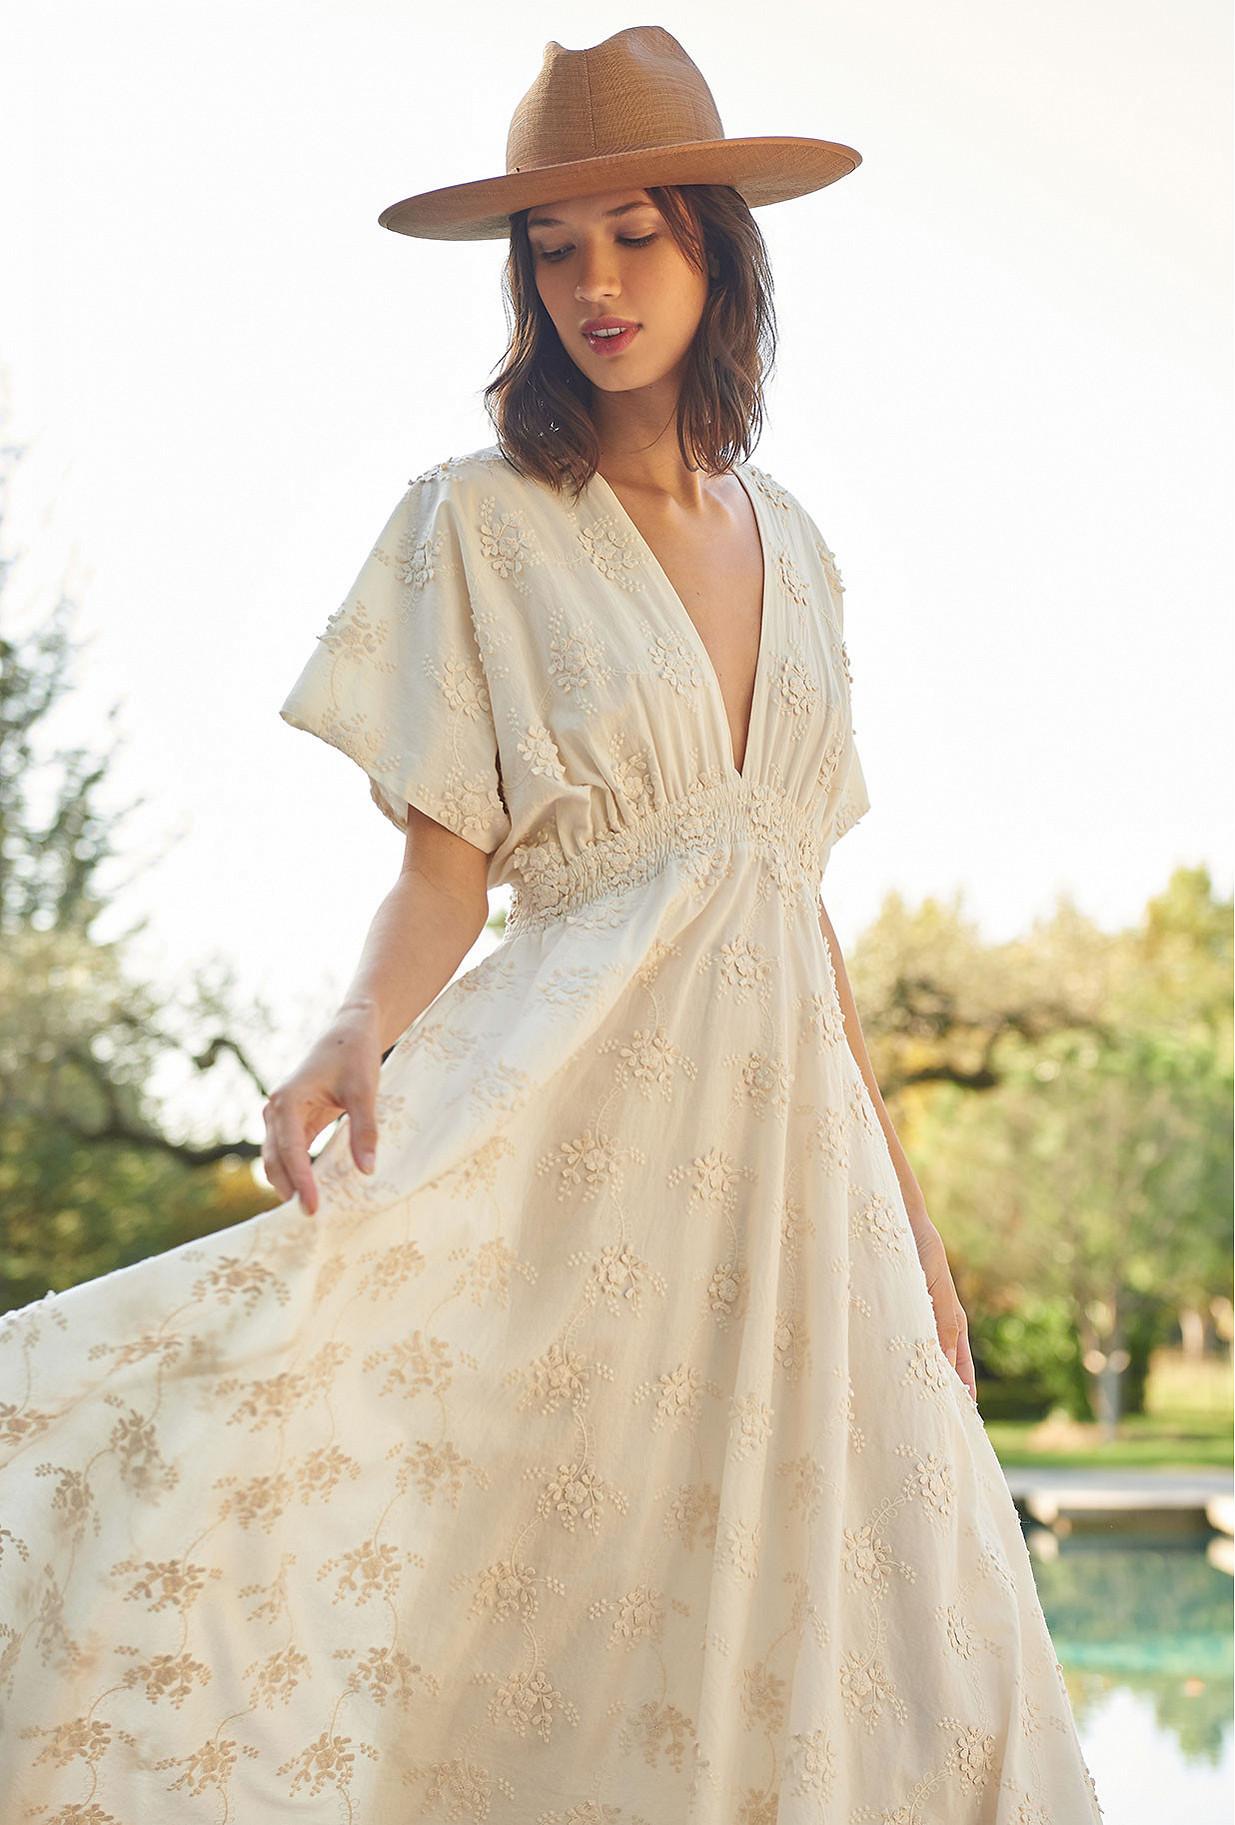 Ecru  Dress  Ophidis Mes demoiselles fashion clothes designer Paris